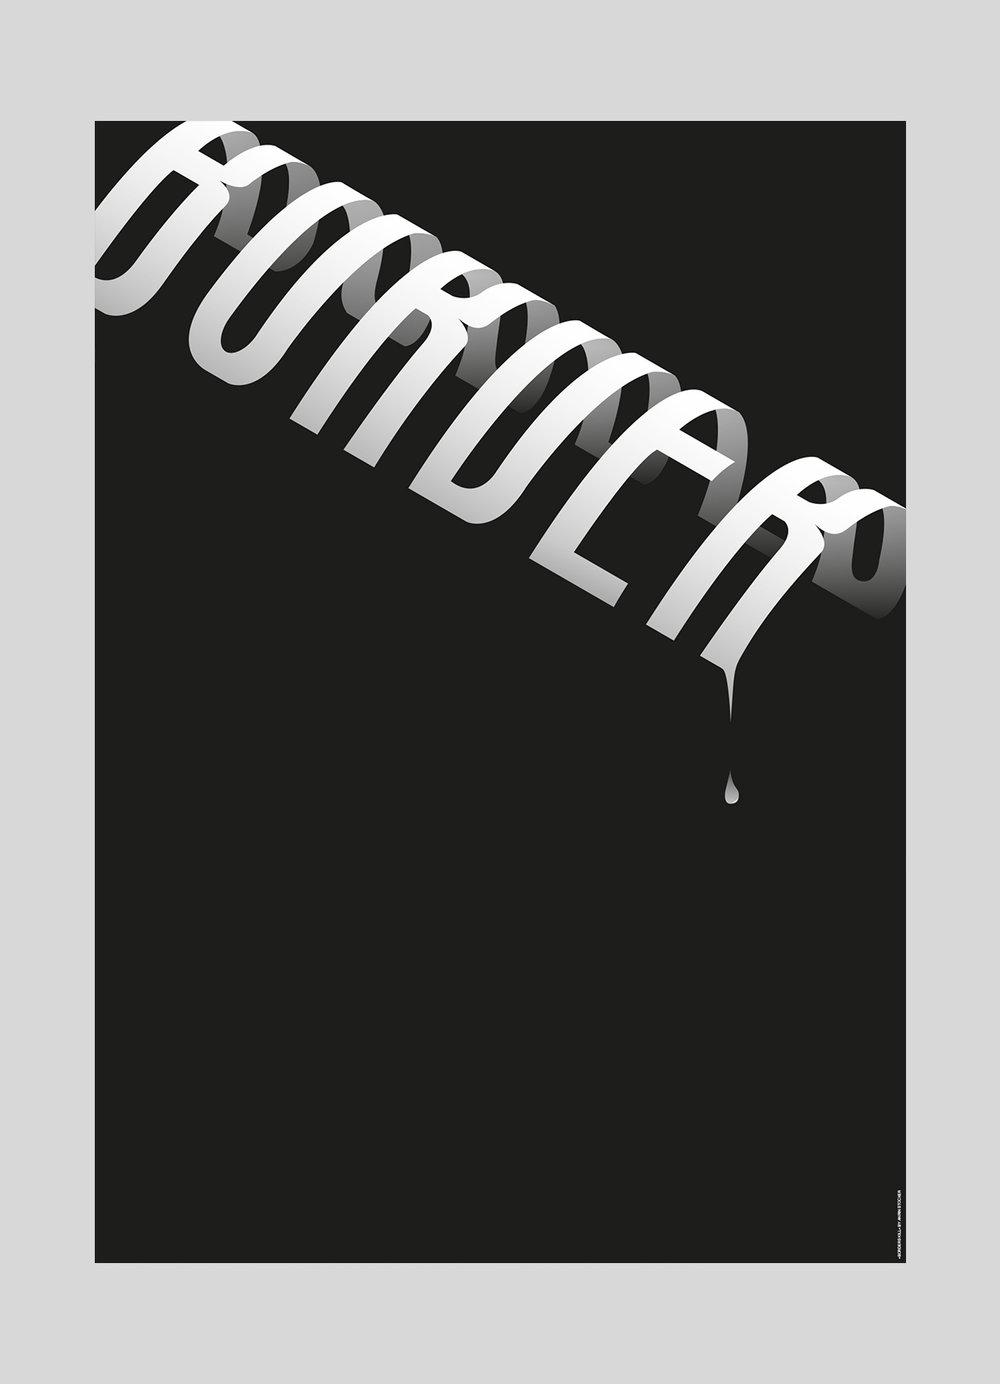 Weltformat – Sonderausstellung «Migration & Flucht» | 2015   Sonderausstellung 26. September bis 4. Oktober 2015 im Neubad.  Organisiert und kuratiert von Büro Zwoi.